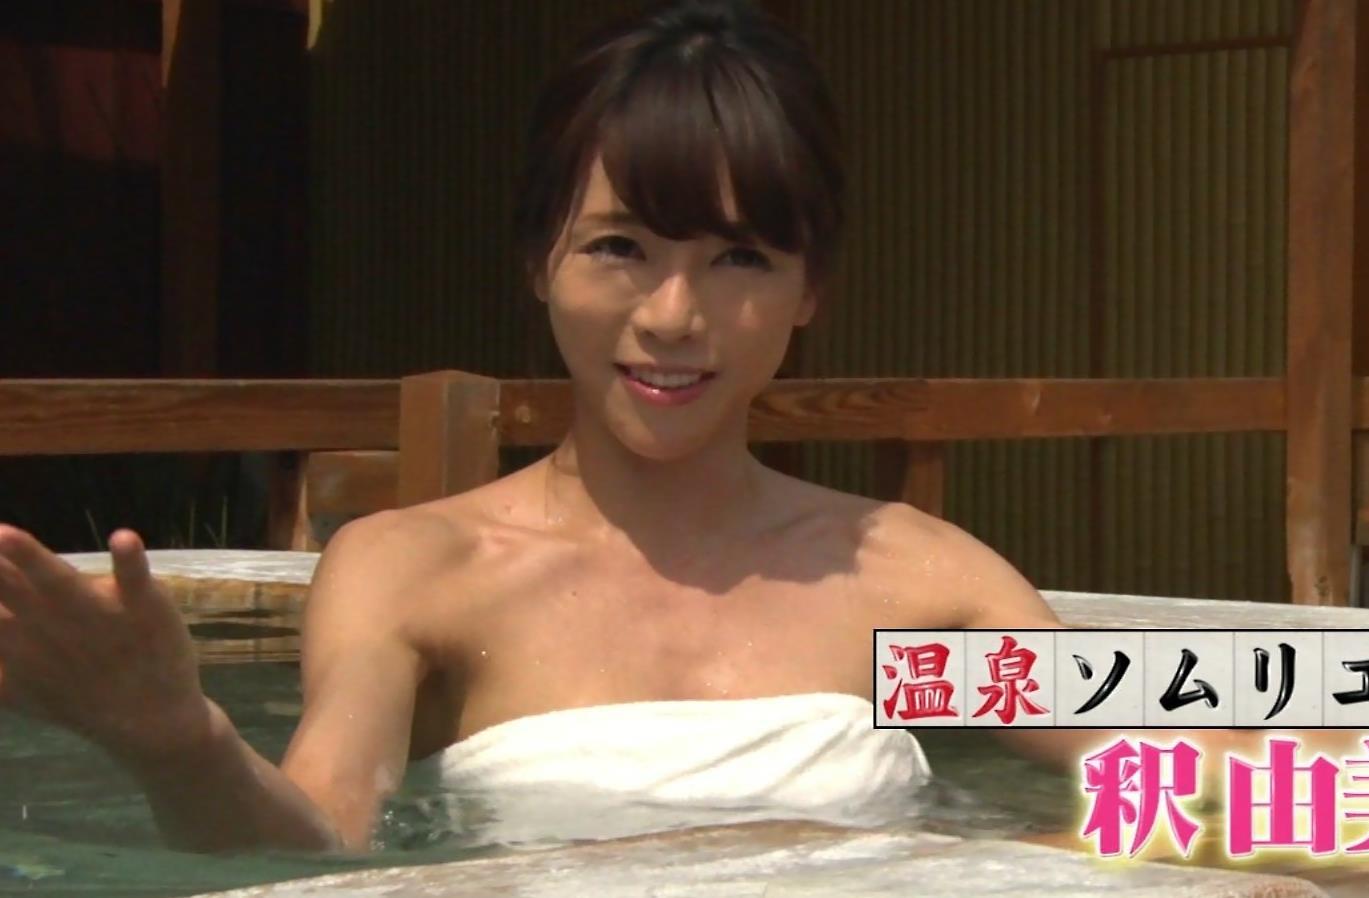 釈由美子 まだまだエロい温泉入浴シーンキャプ・エロ画像5